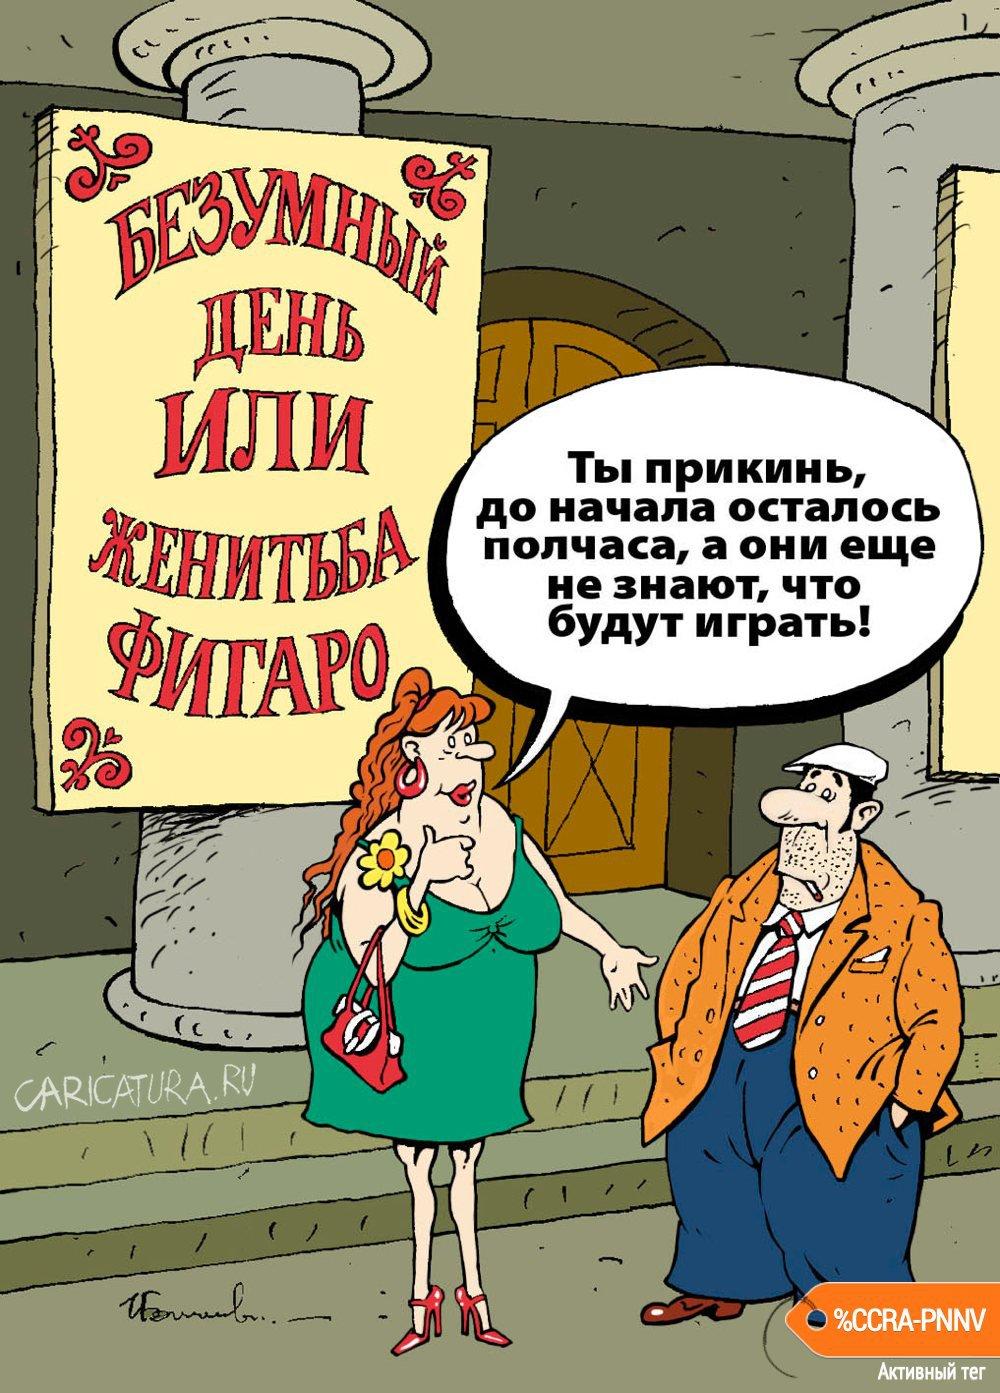 Фигаро, Игорь Елистратов